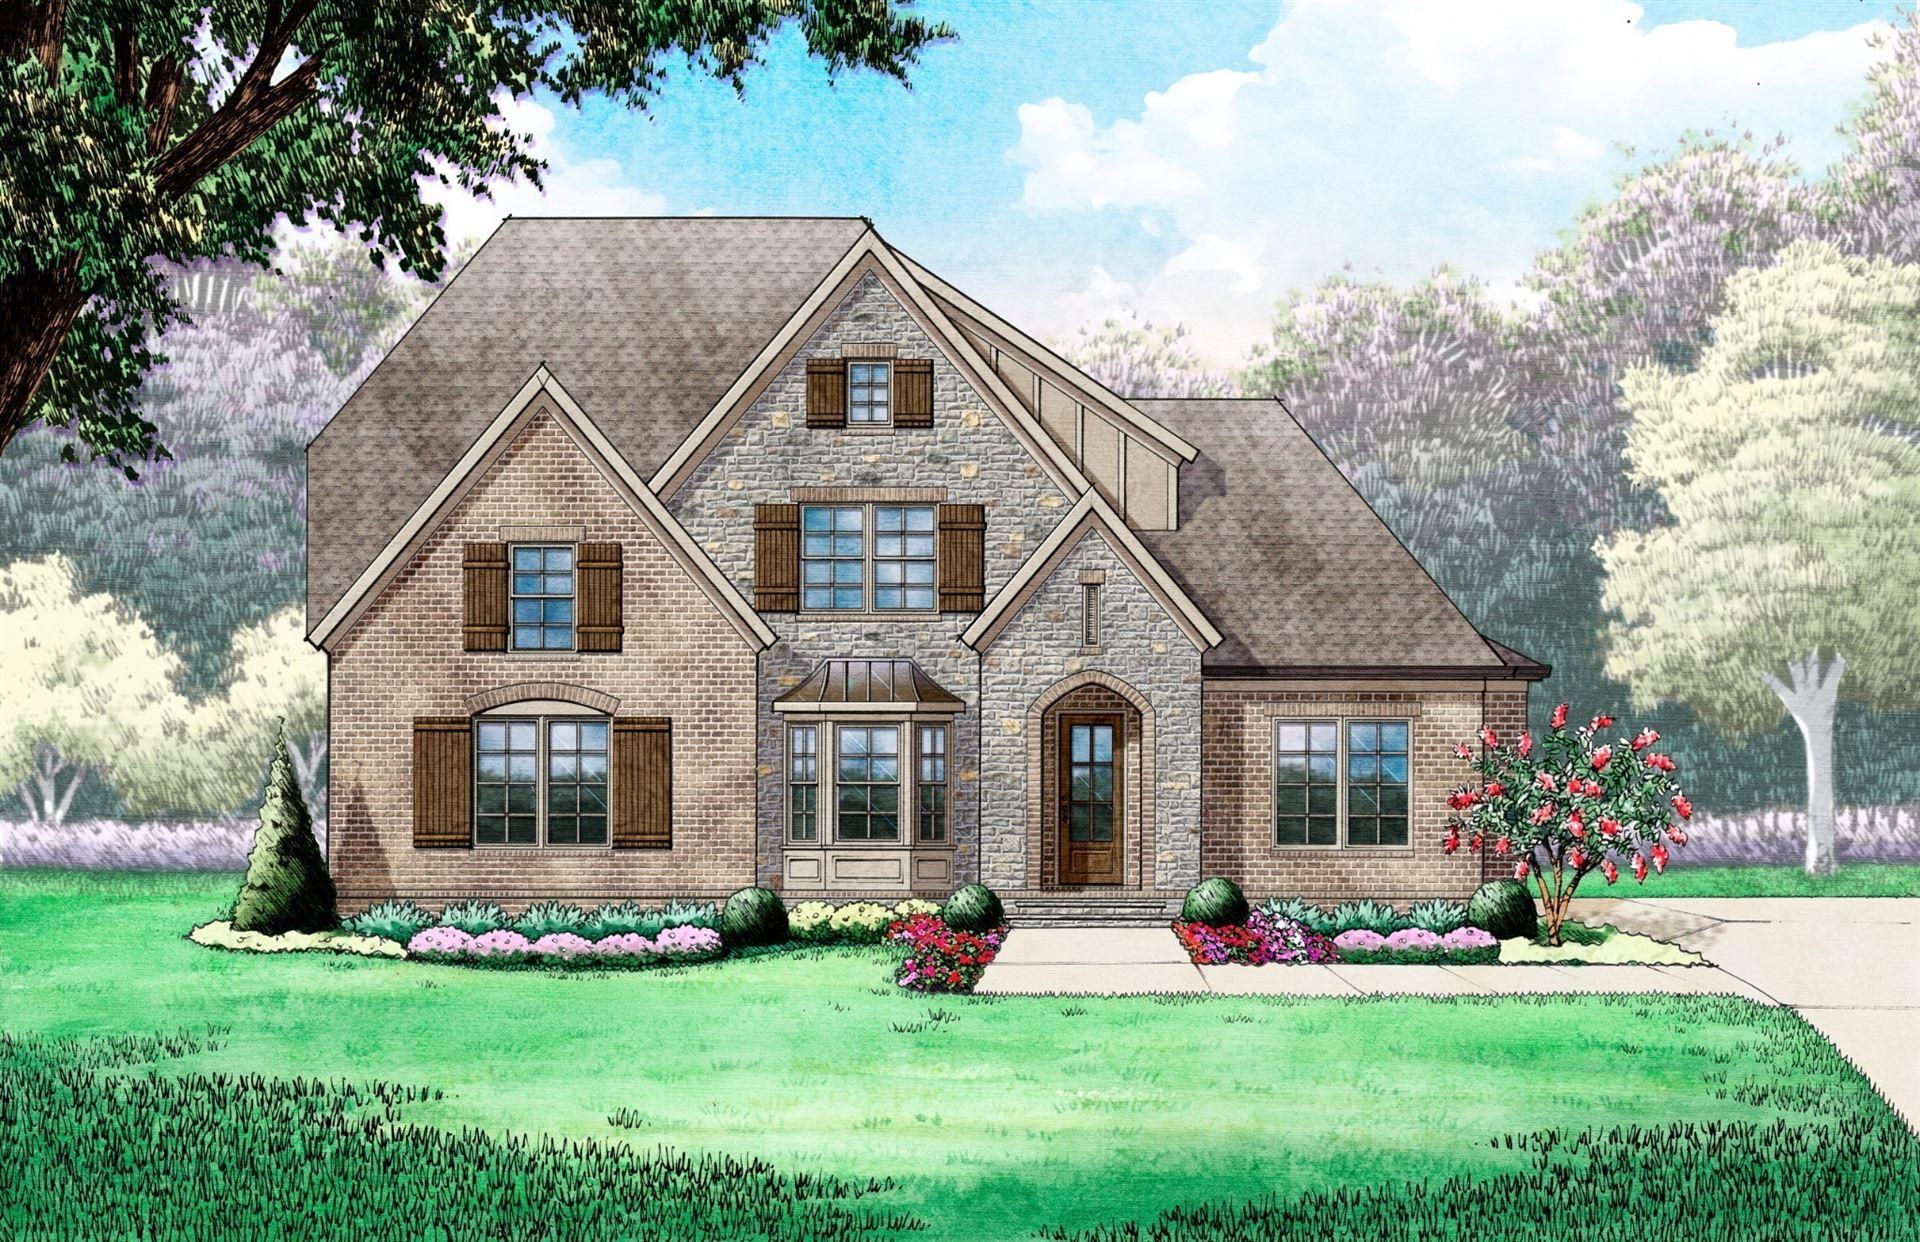 Photo of 7040 Big Oak Lane Lot 106, Nolensville, TN 37135 (MLS # 2216398)